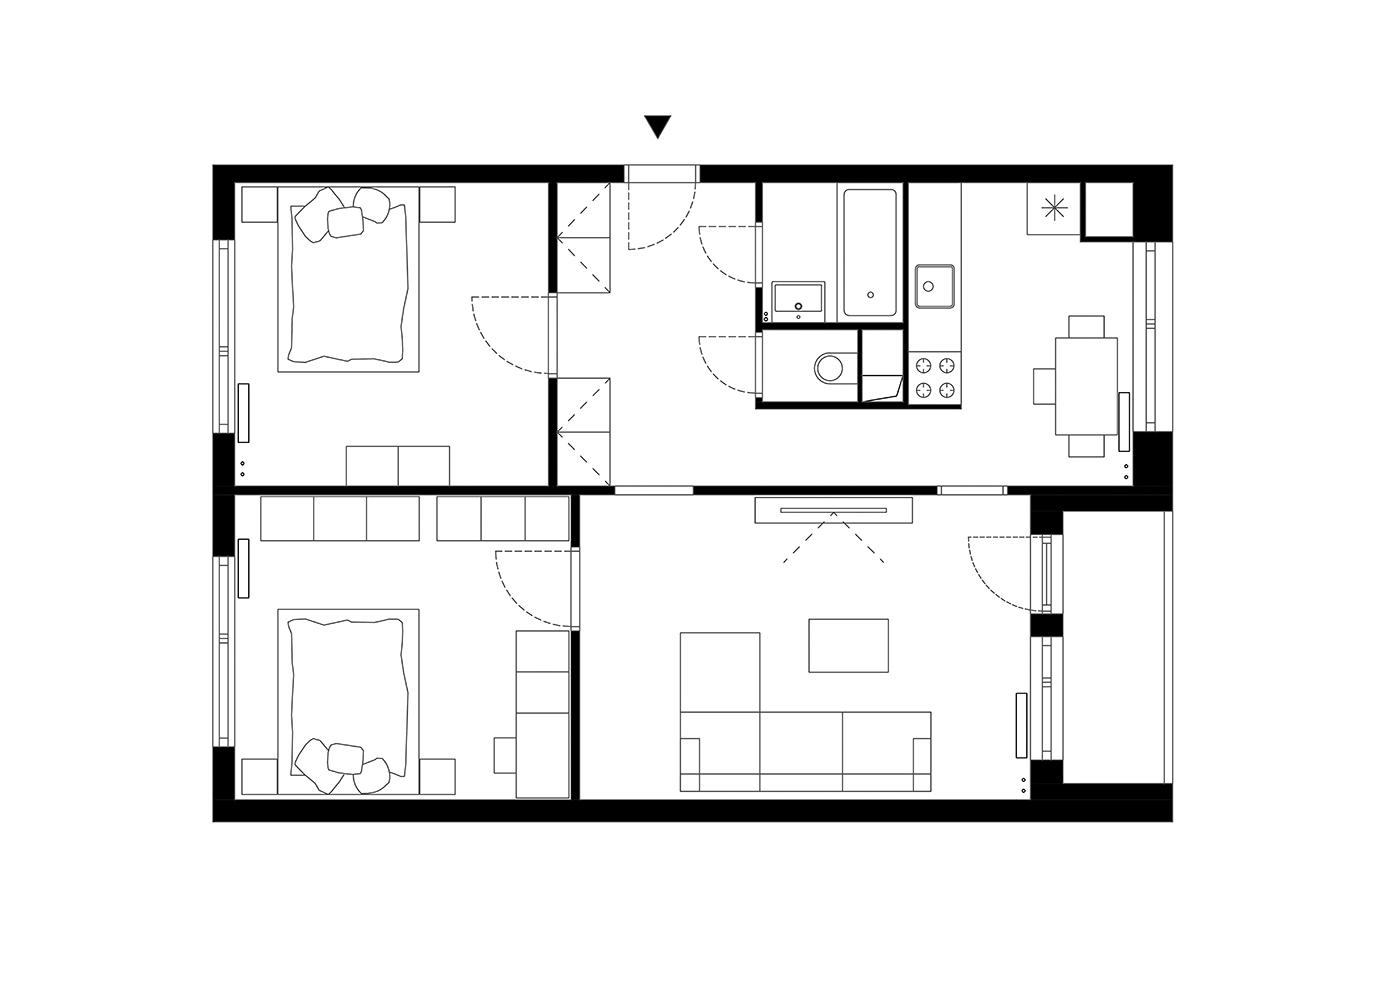 noiz-architekti-interier-byt-lotysska-13